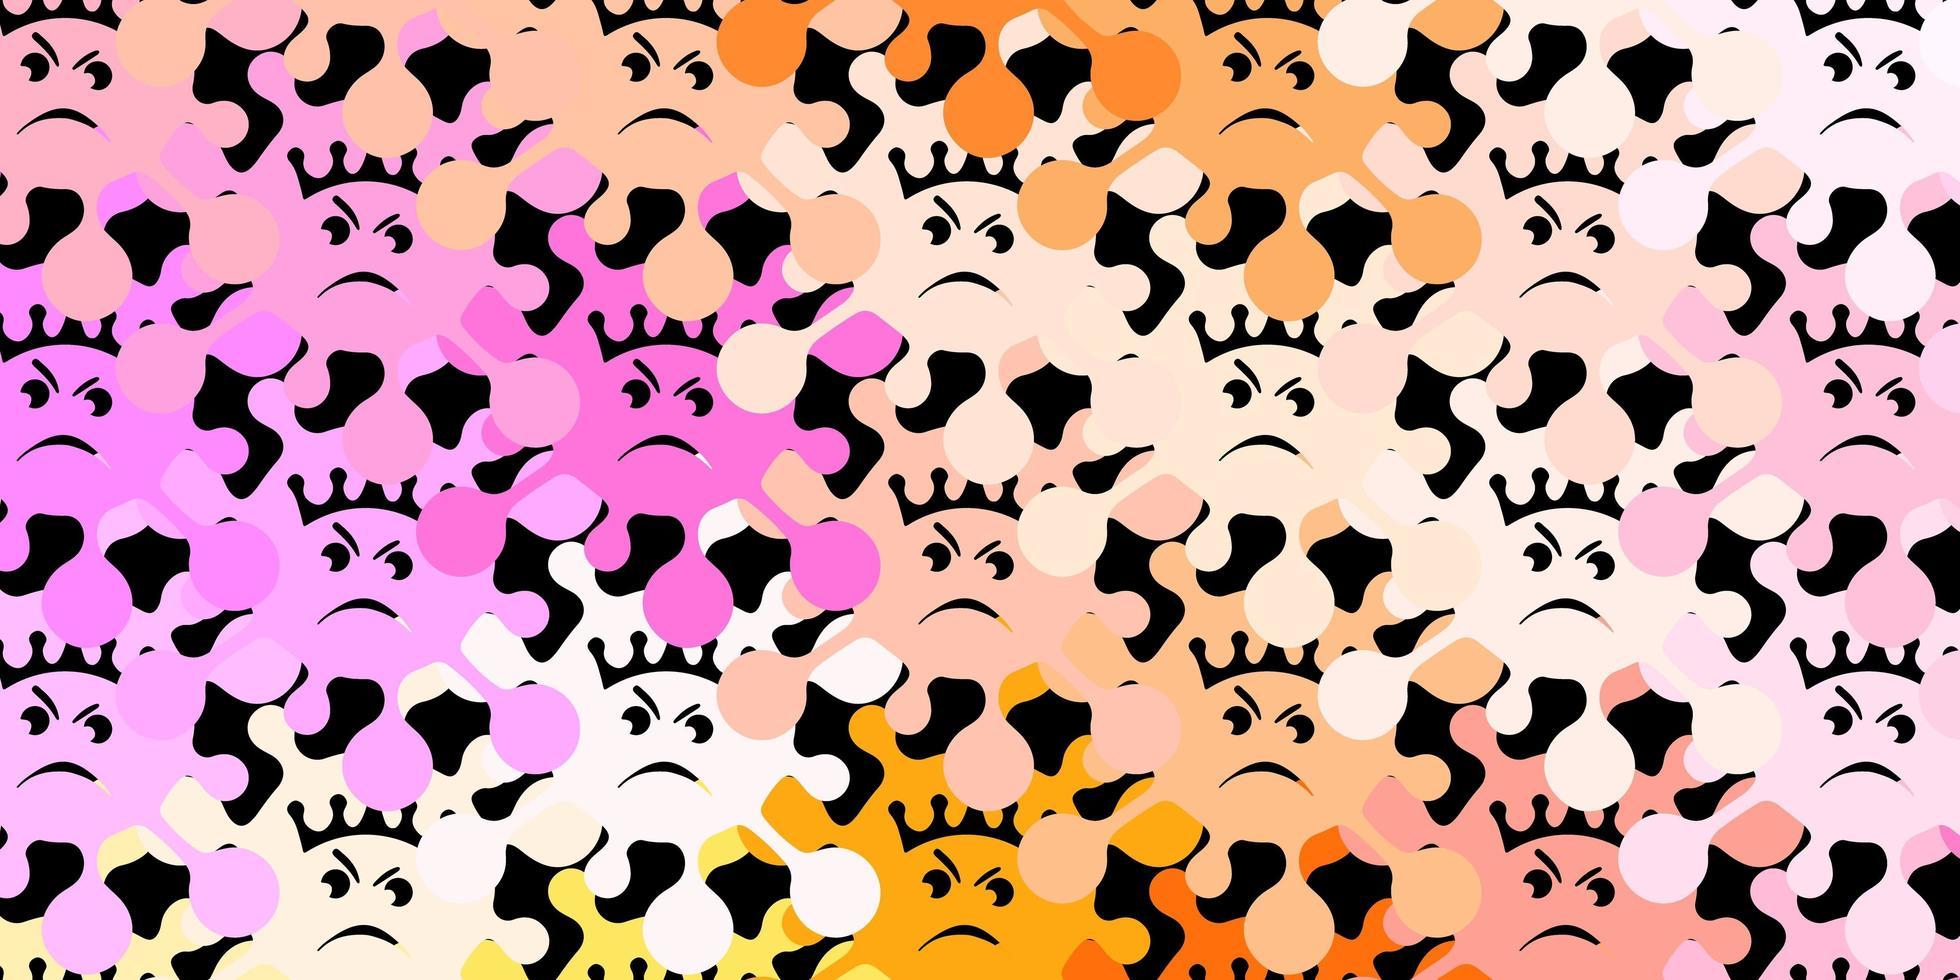 modèle vectoriel rose foncé, jaune avec des signes de grippe